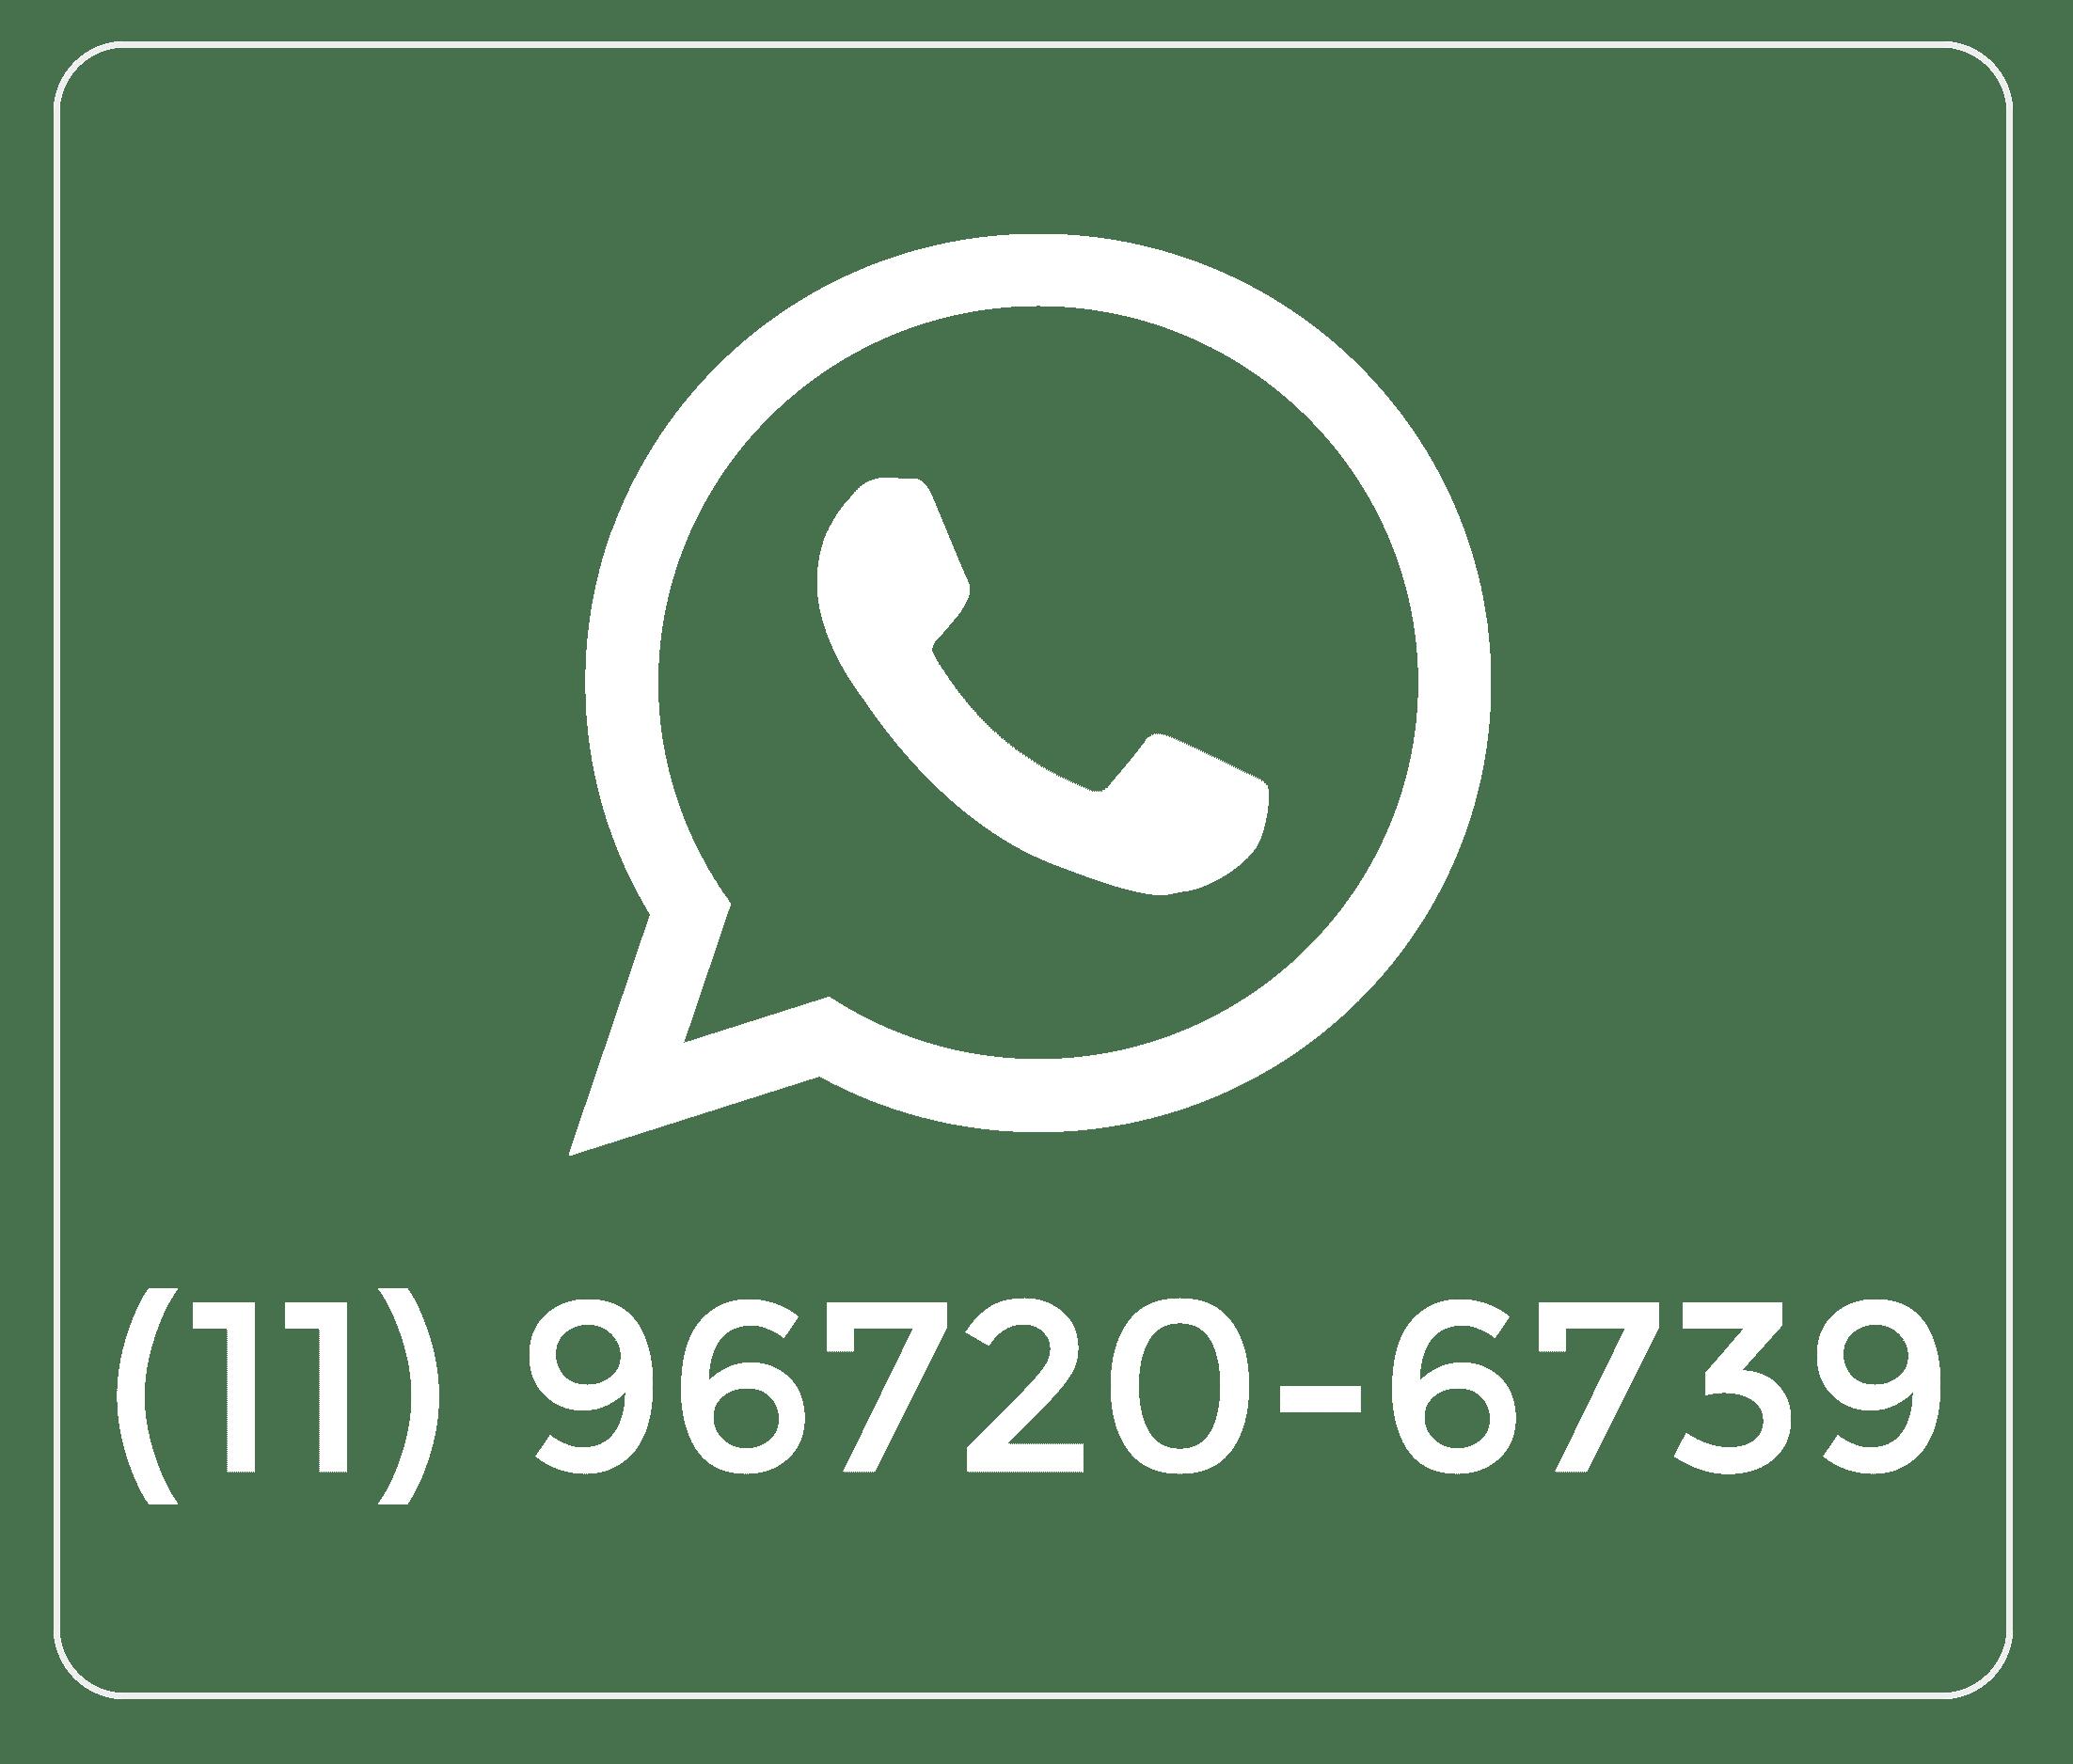 Preço de Dedetização no Jardim Nova Vitória II